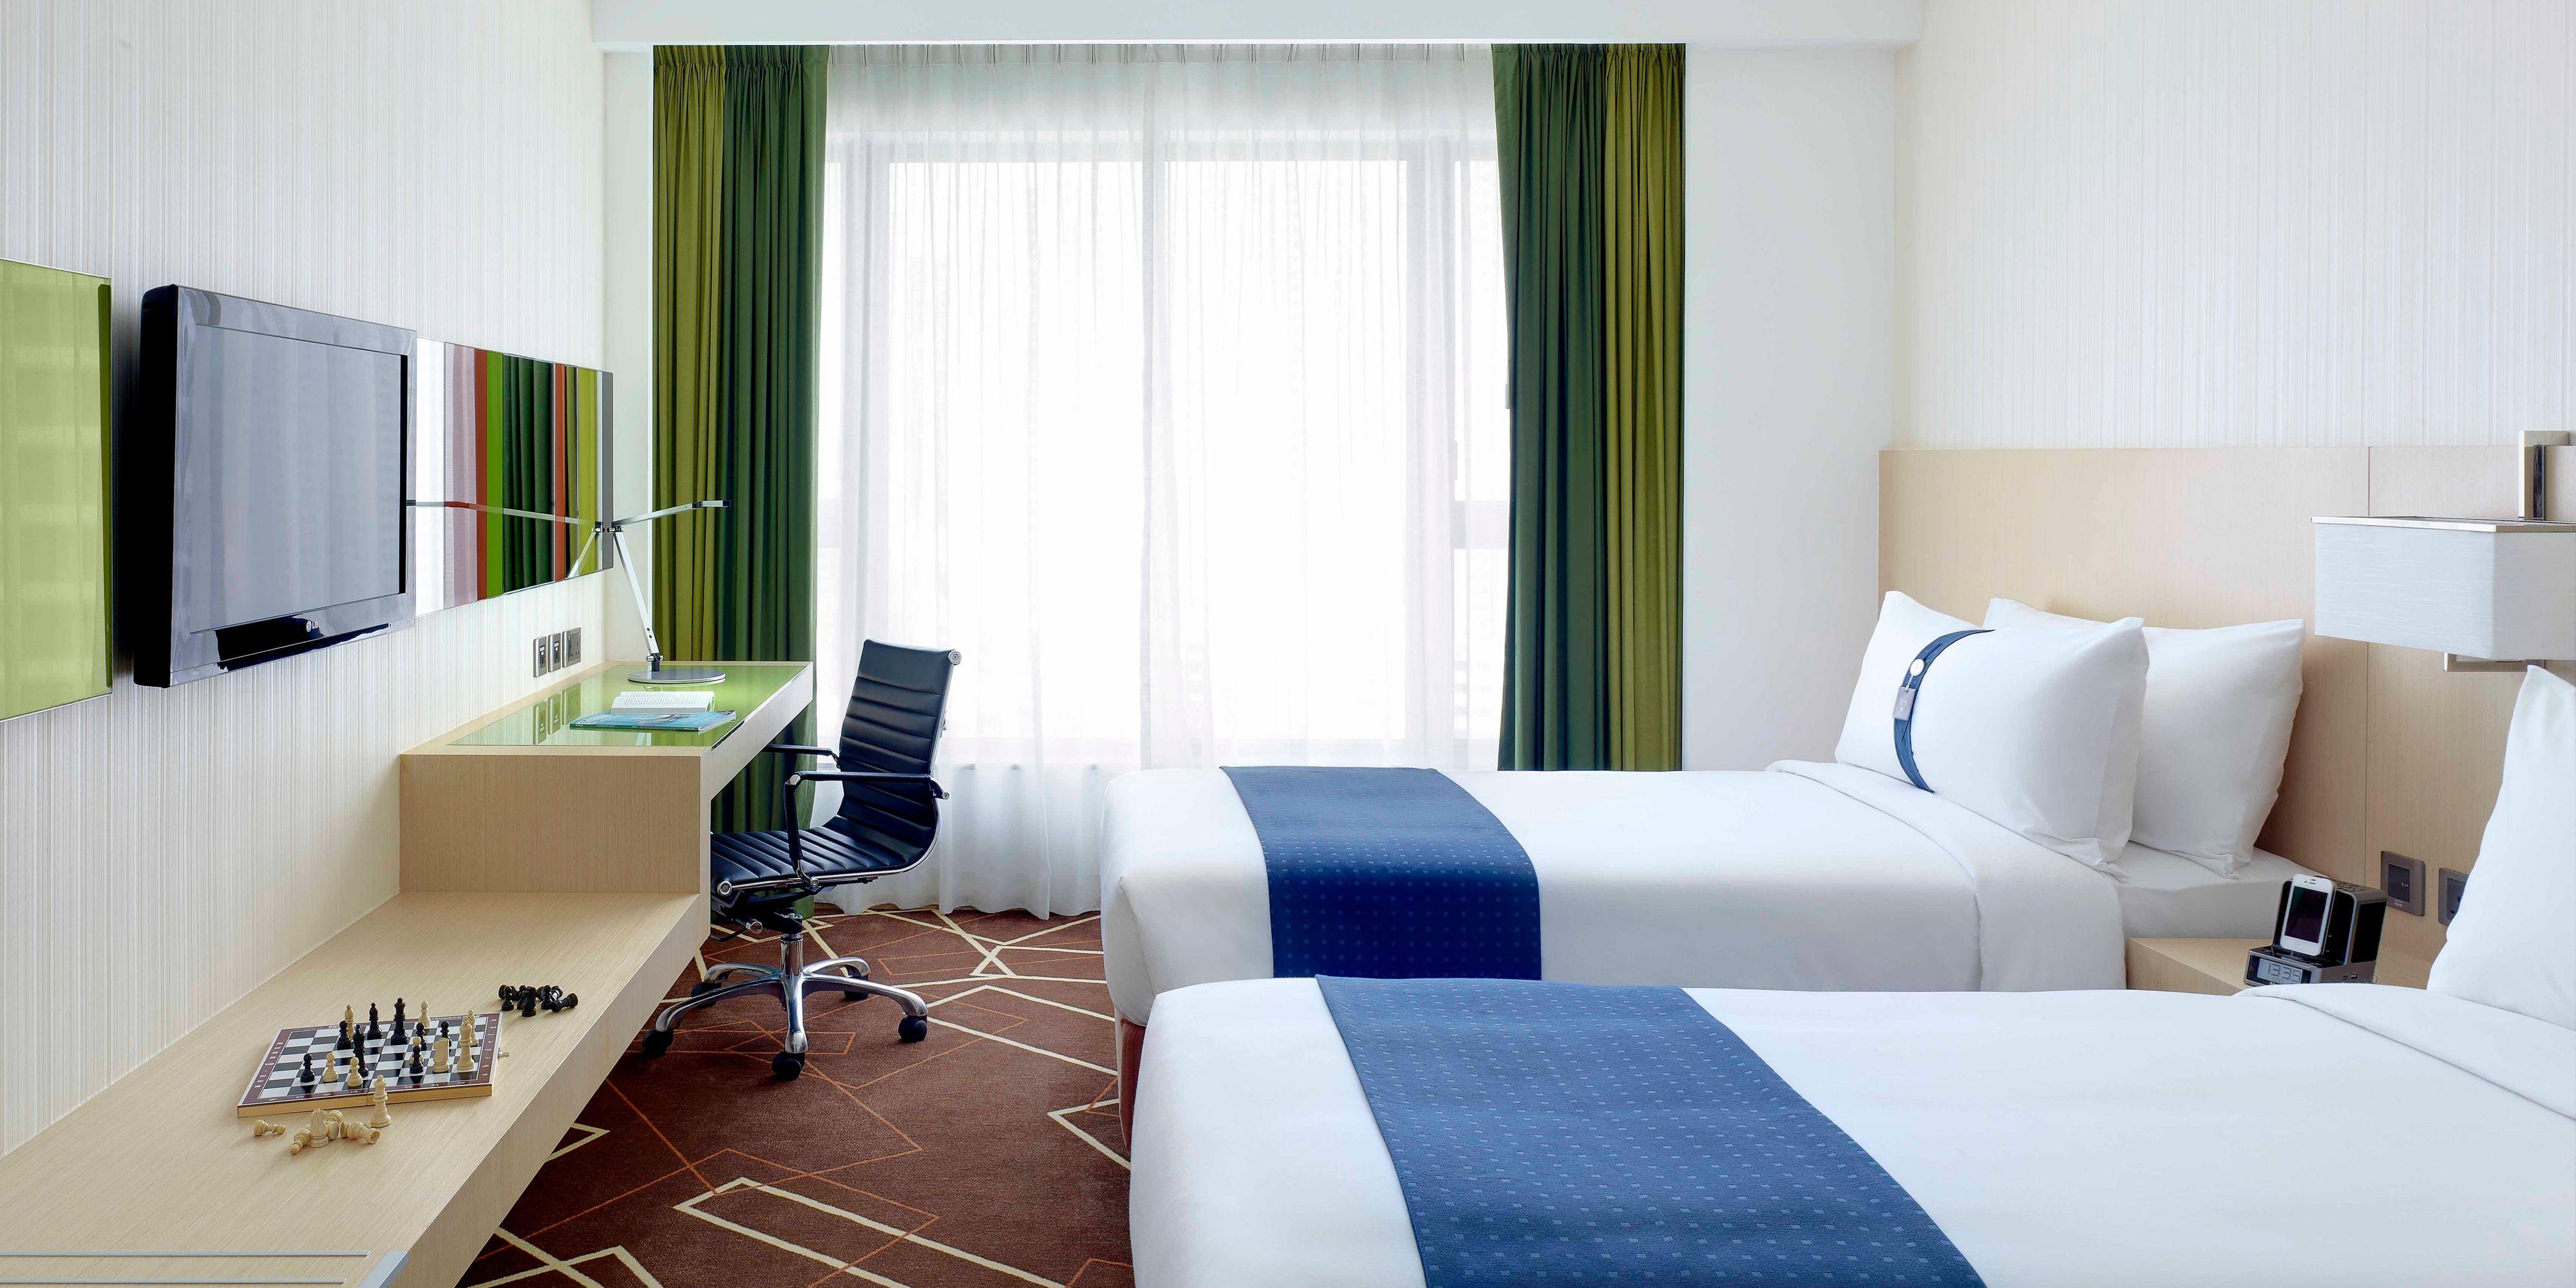 Holiday Inn Express Hong Kong 2532348404 2x1